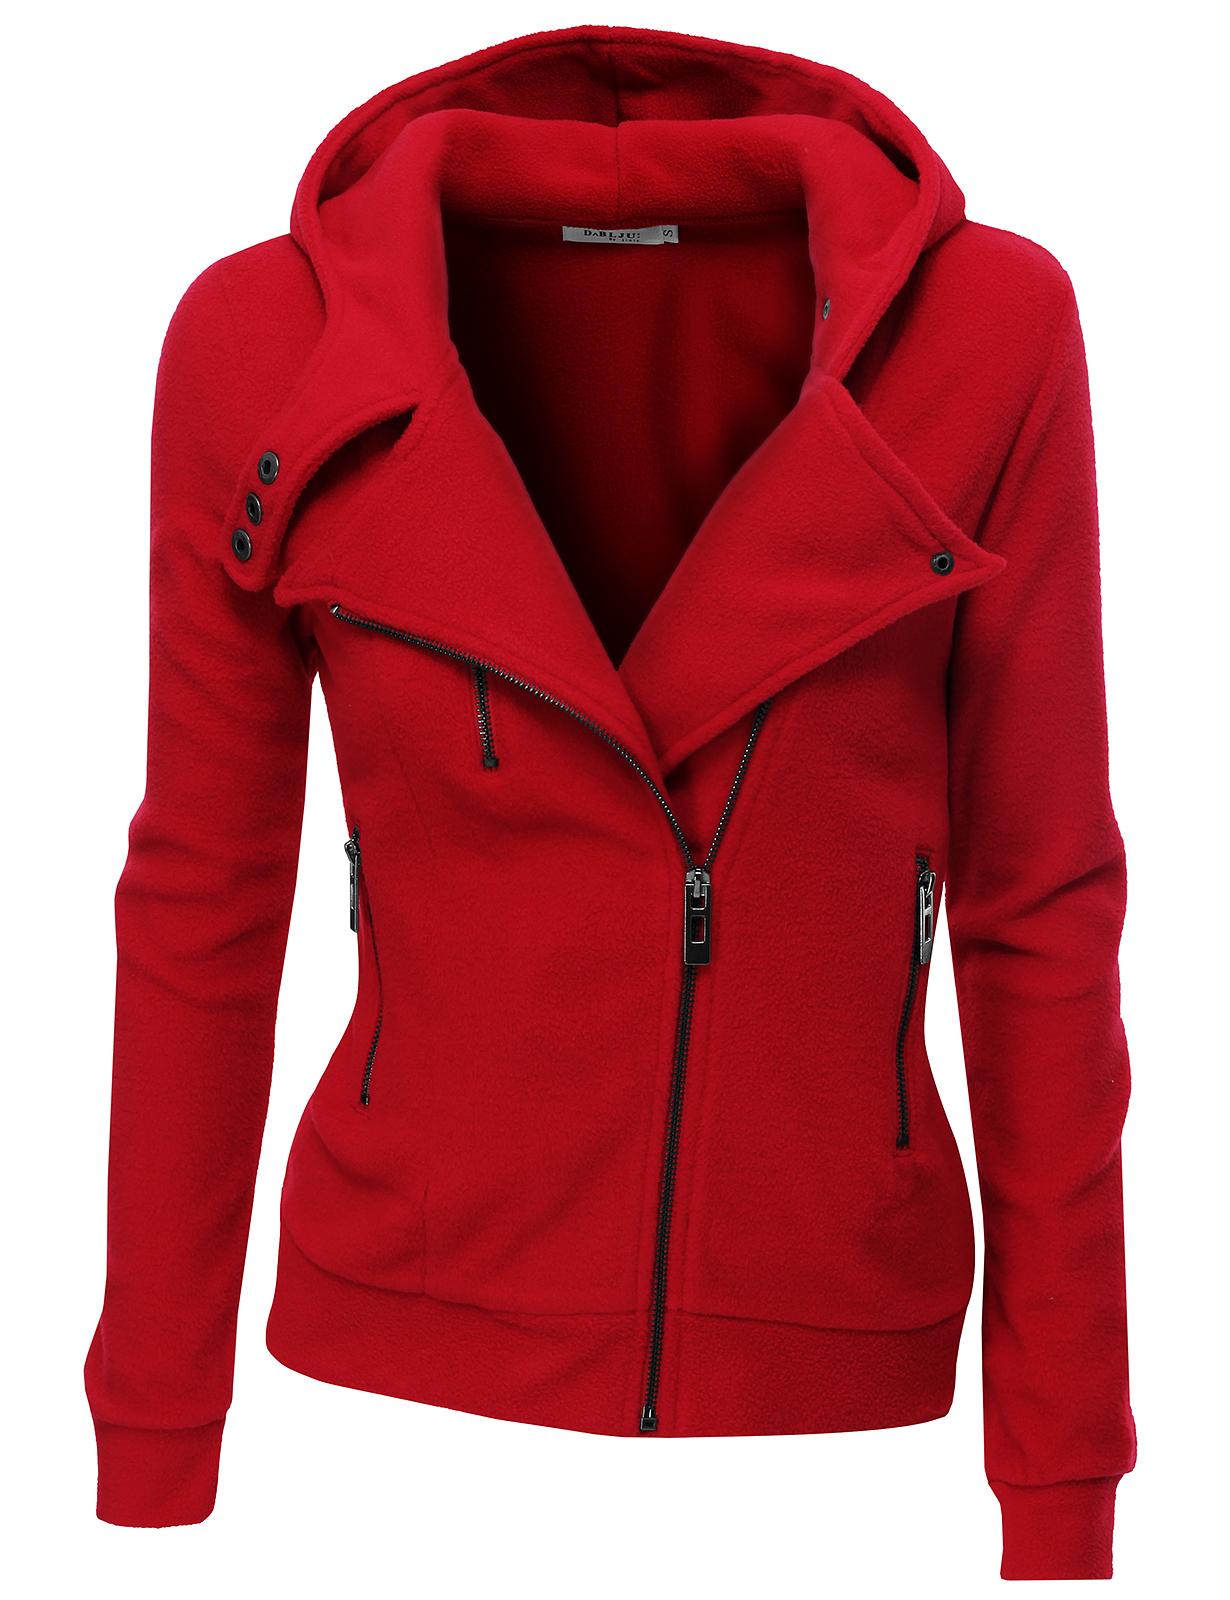 Doublju Women's Womens Oblique Zipper Slim Fit Hoodie Jacket RED XL